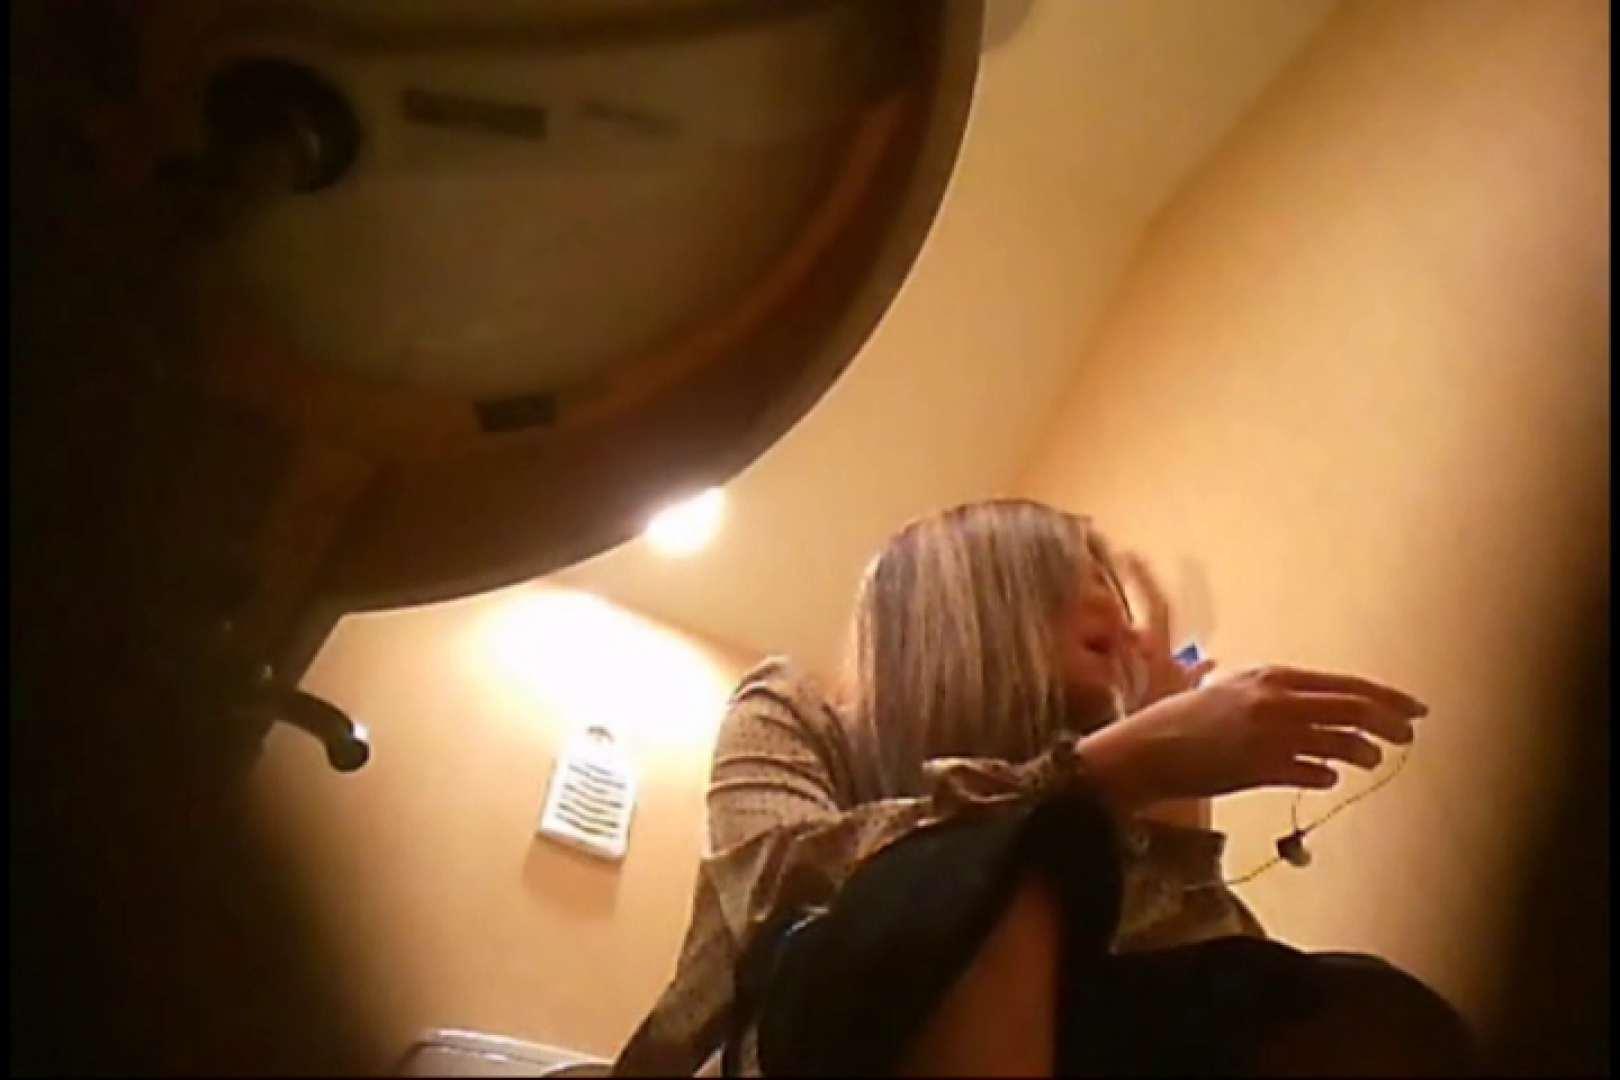 潜入!!女子化粧室盗撮~絶対見られたくない時間~vo,111 エロい熟女 濡れ場動画紹介 10枚 7